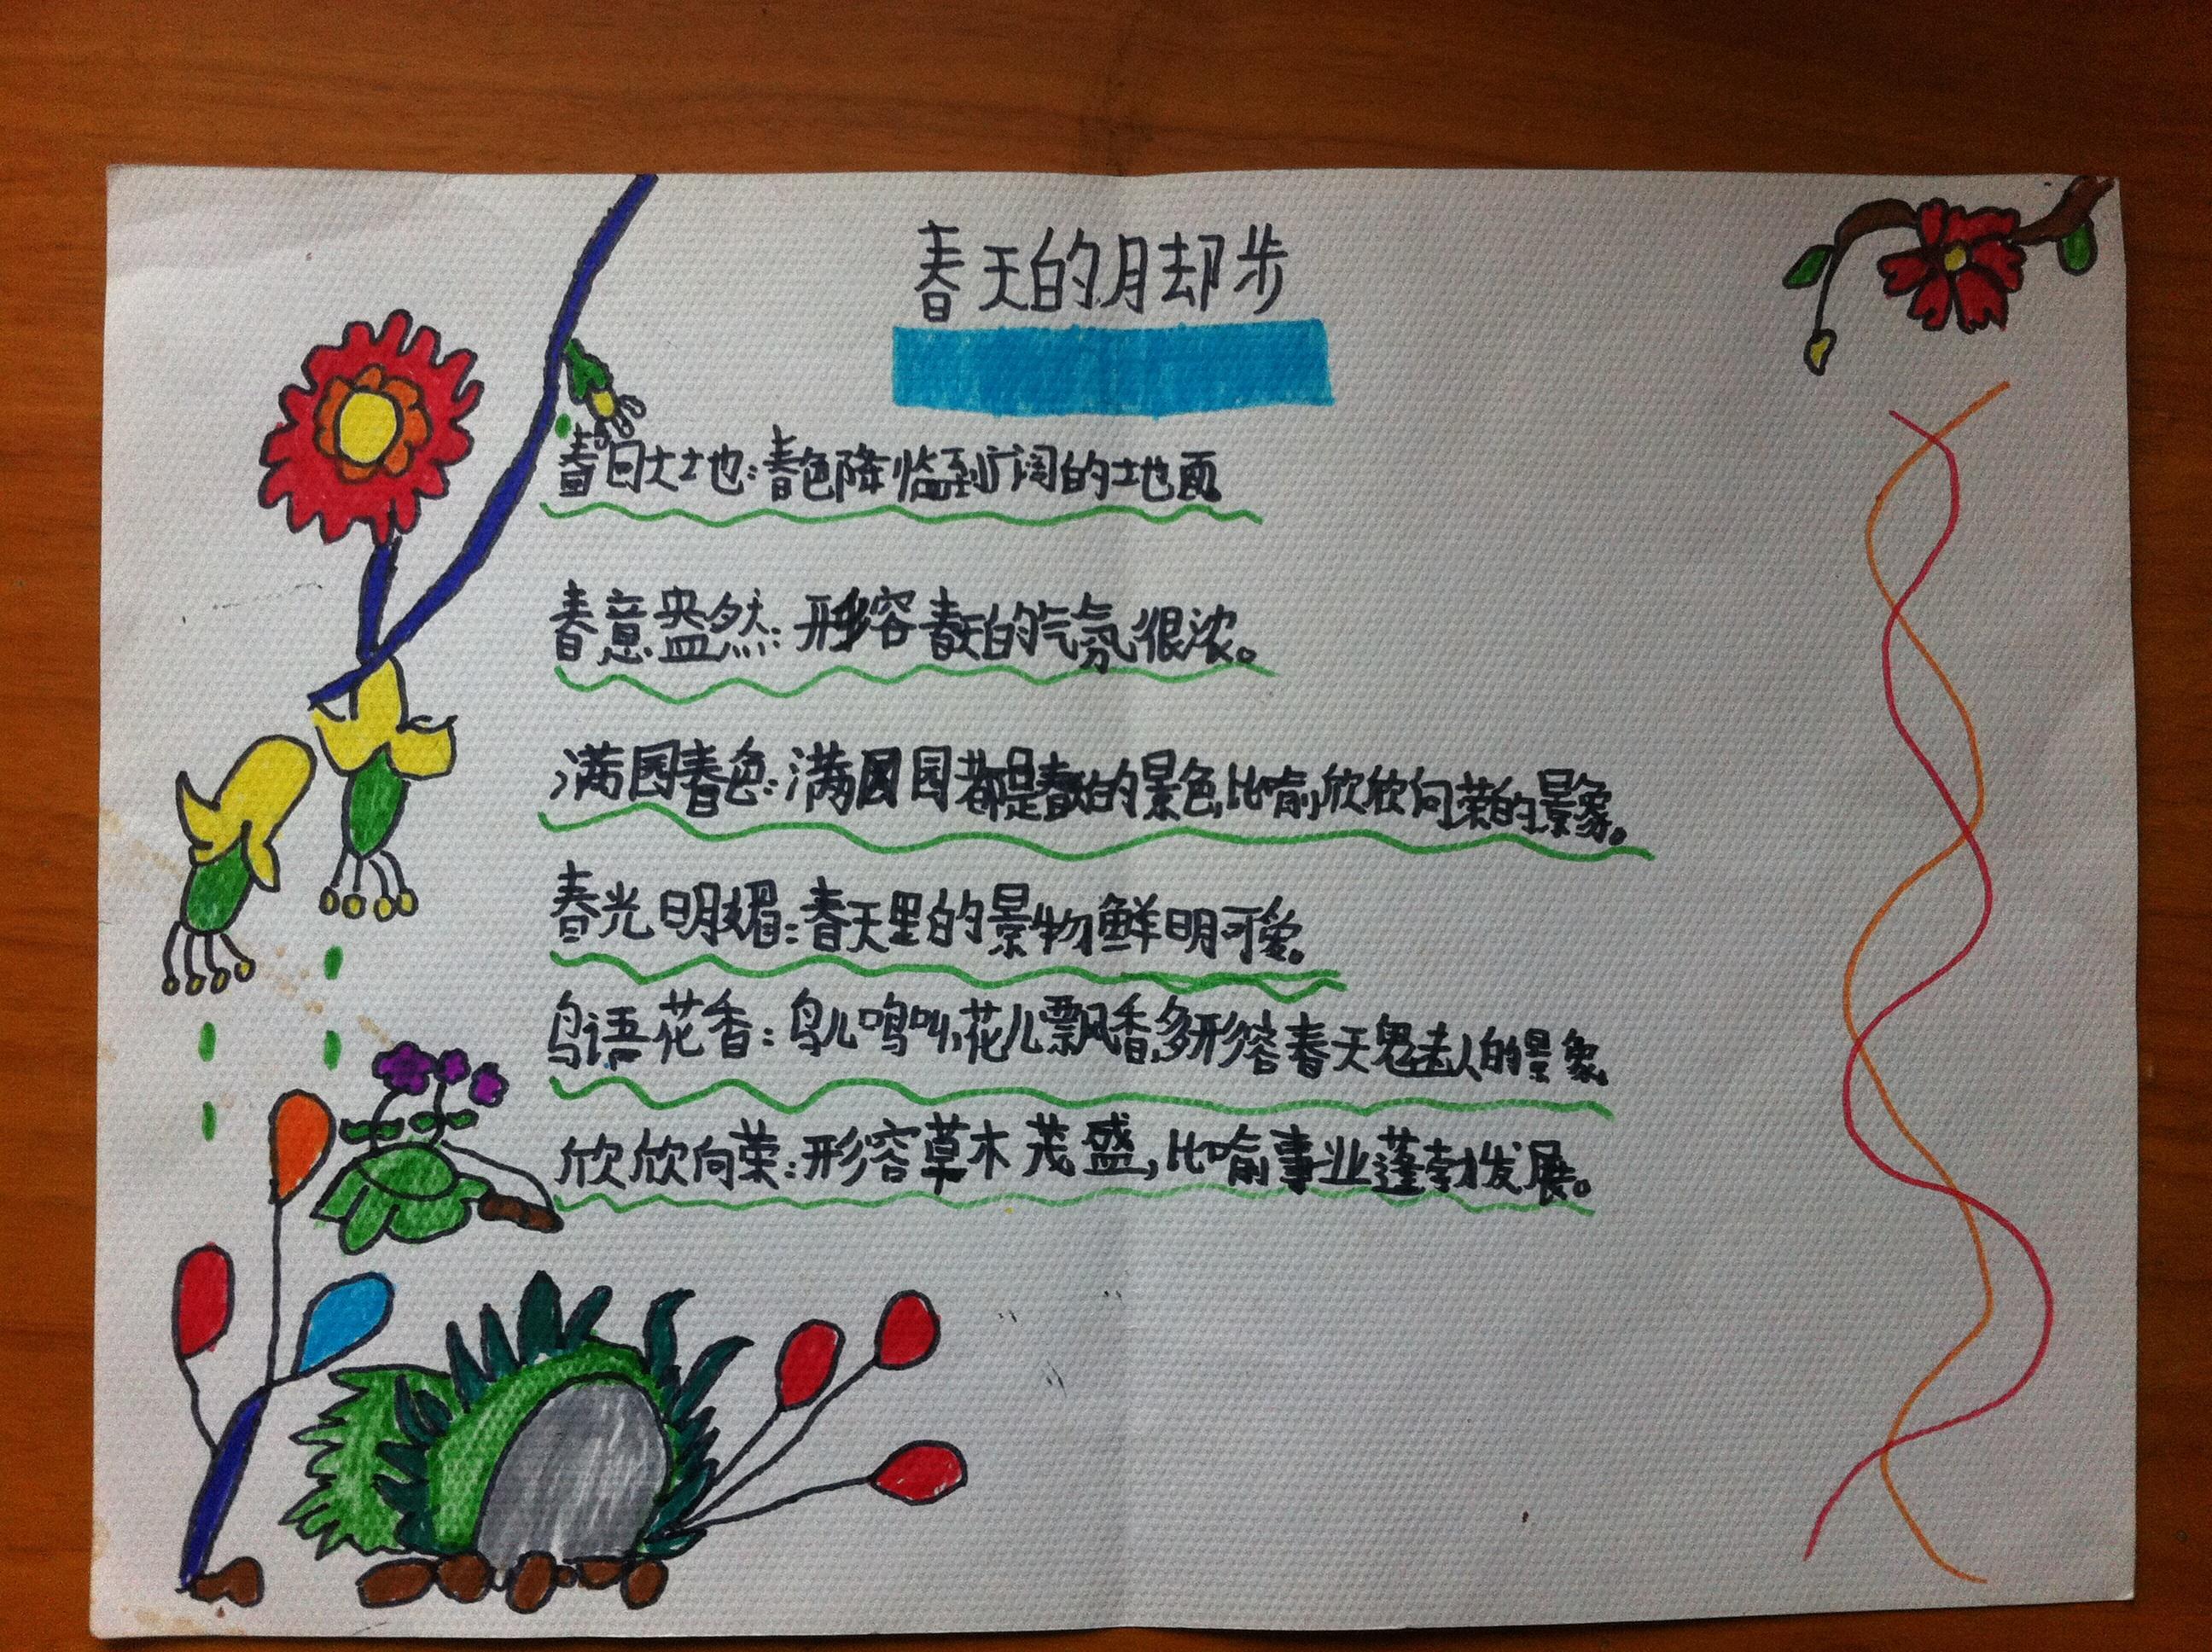 关于春天的手抄报黑白-关于汉字的手抄报黑白-关于法制的手抄报黑白